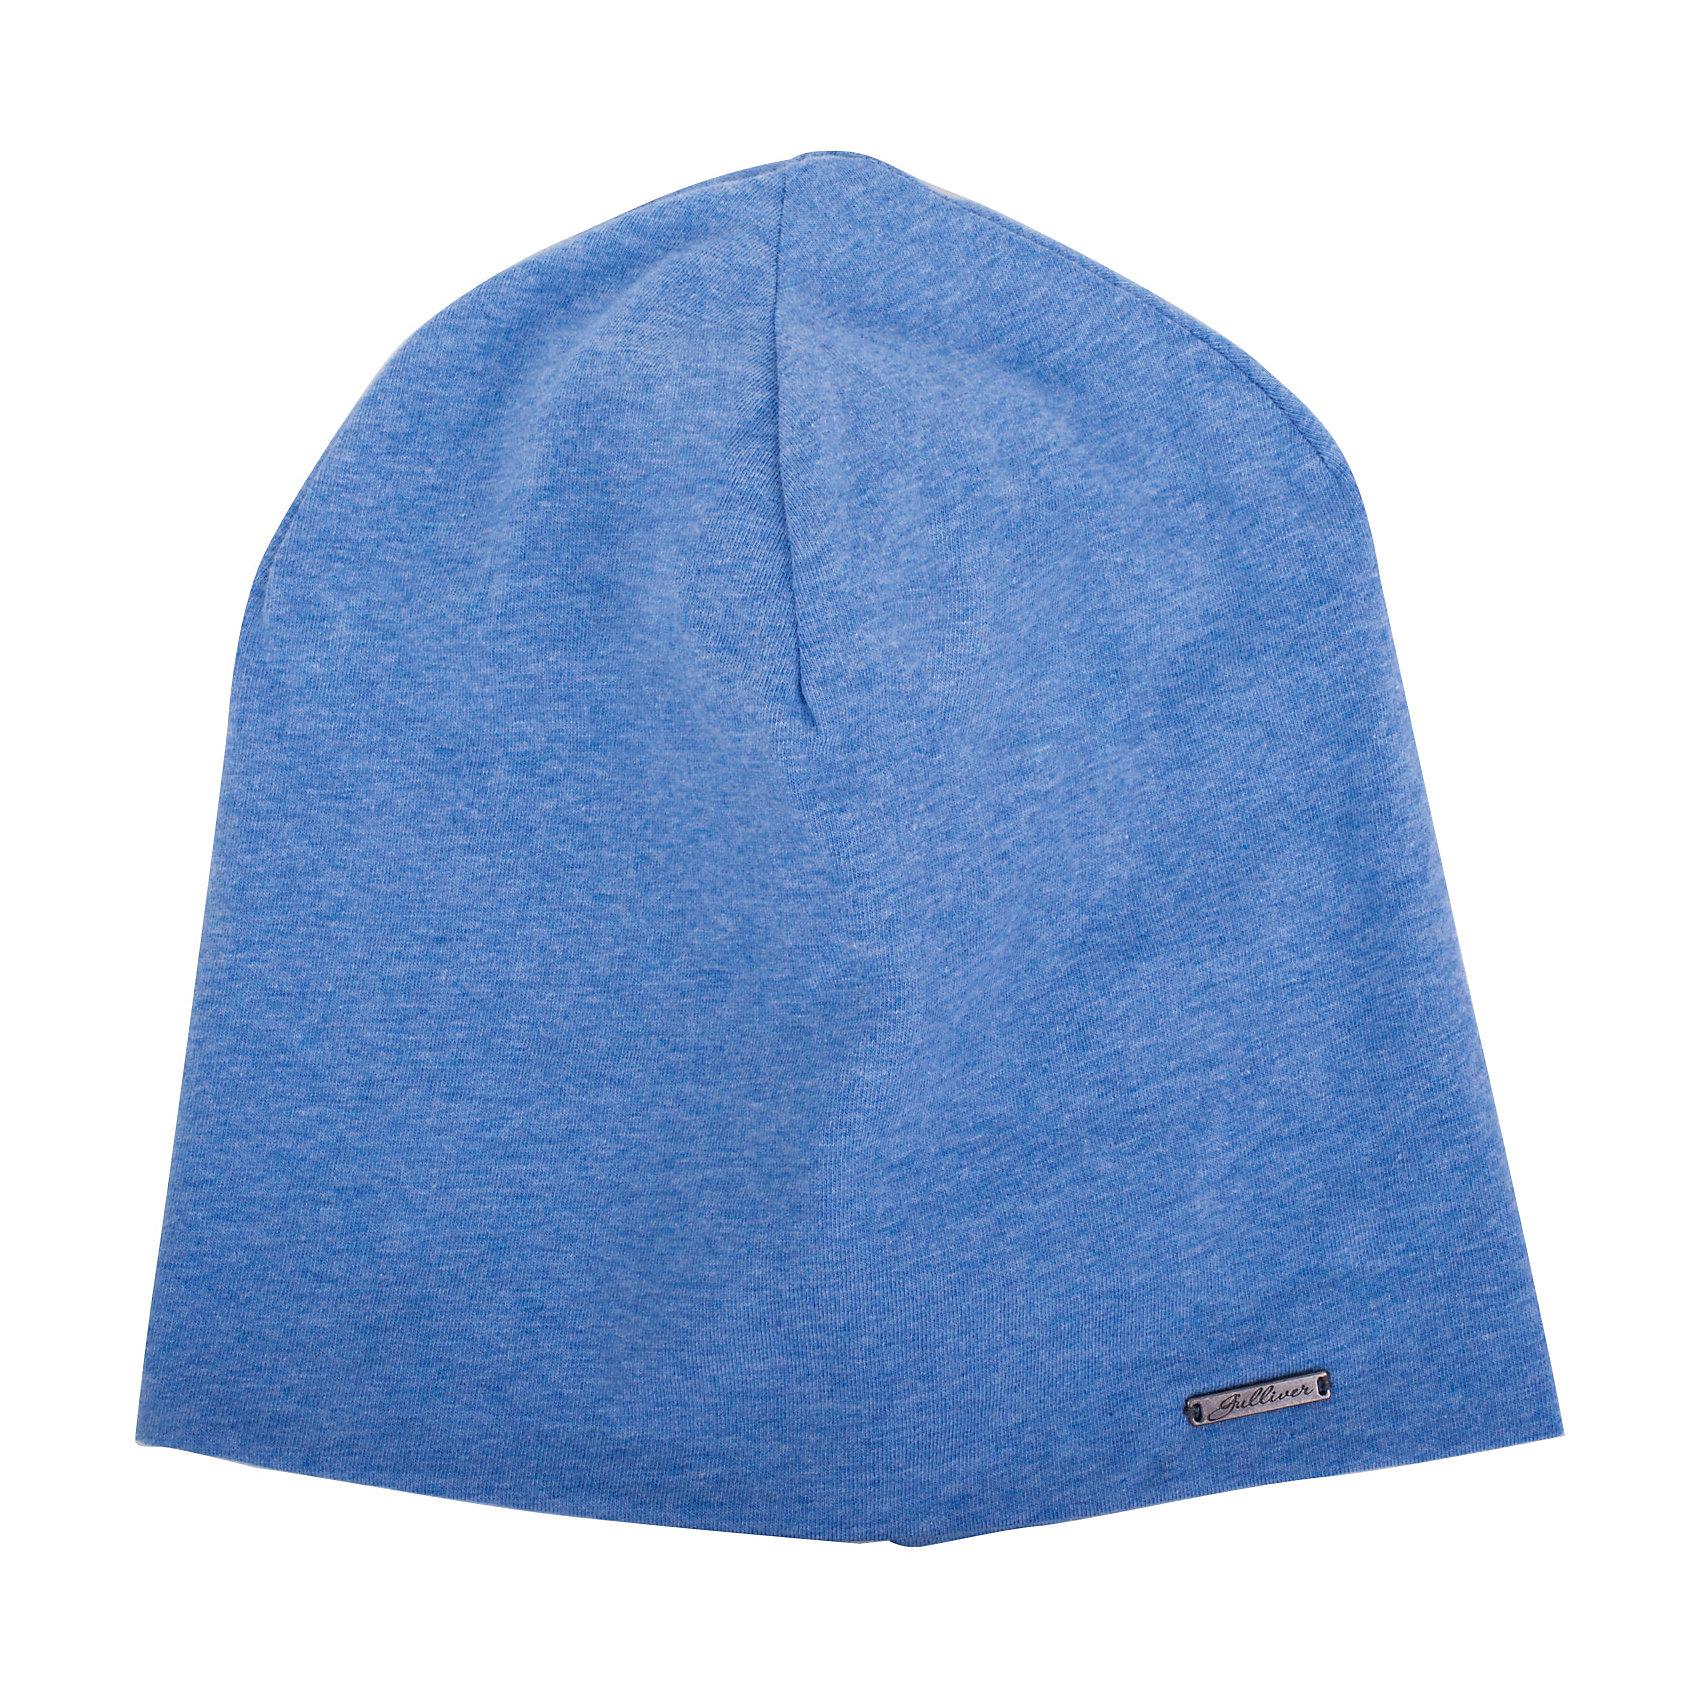 Шапка для мальчика GulliverГоловные уборы<br>Стильная трикотажная шапка для мальчика отлично дополнит повседневный образ ребенка. Мягкая, легкая, комфортная, она отлично разместится  в кармане пальто или куртки, чтобы в любой момент защитить модника от непогоды и ветра.<br>Состав:<br>95% хлопок      5% эластан<br><br>Ширина мм: 89<br>Глубина мм: 117<br>Высота мм: 44<br>Вес г: 155<br>Цвет: голубой<br>Возраст от месяцев: 72<br>Возраст до месяцев: 84<br>Пол: Мужской<br>Возраст: Детский<br>Размер: 54,52<br>SKU: 5482988